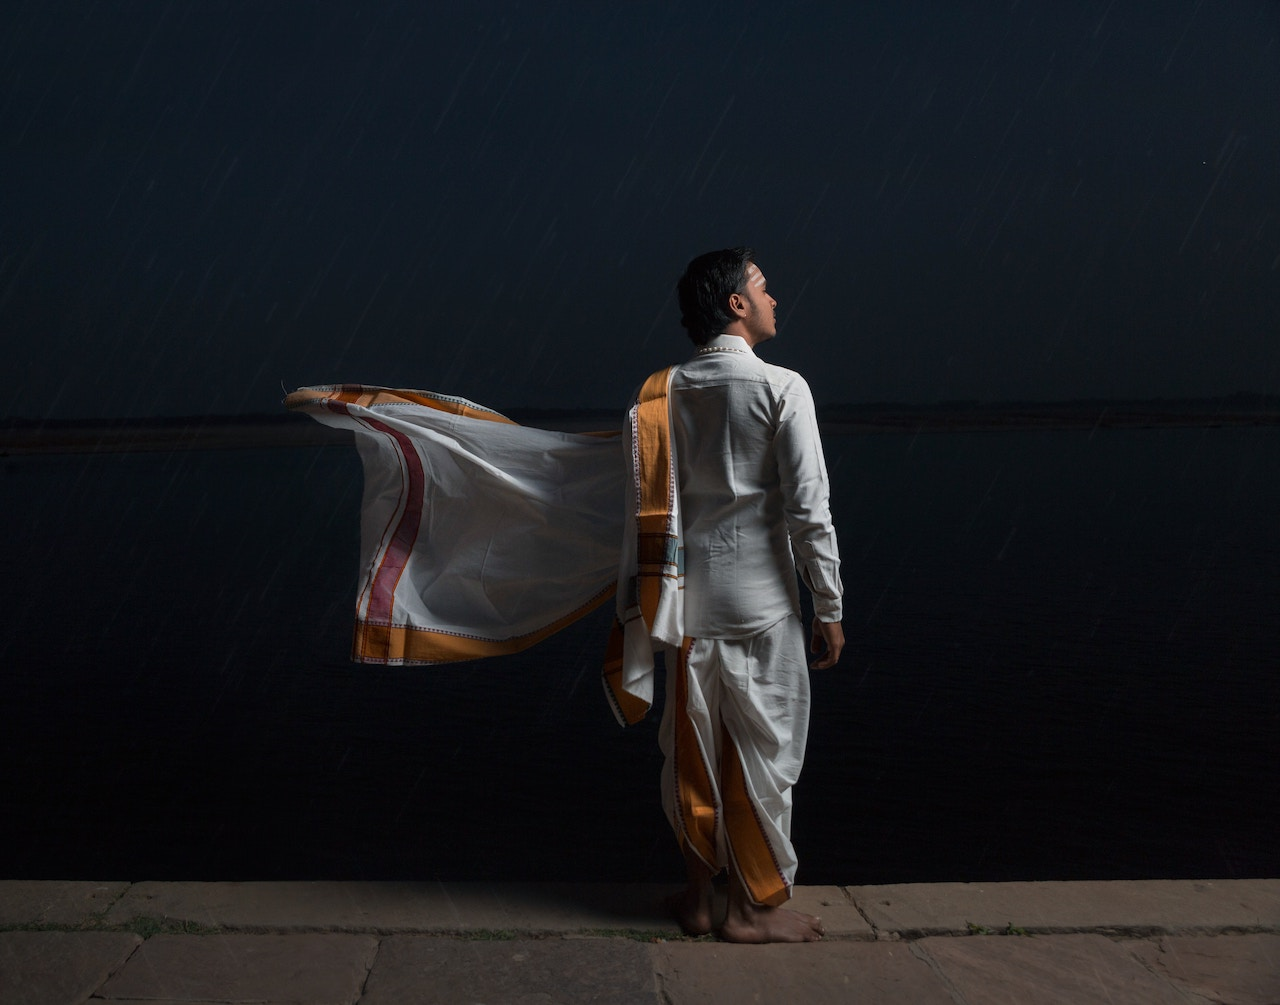 Photo: Aditya Saxena